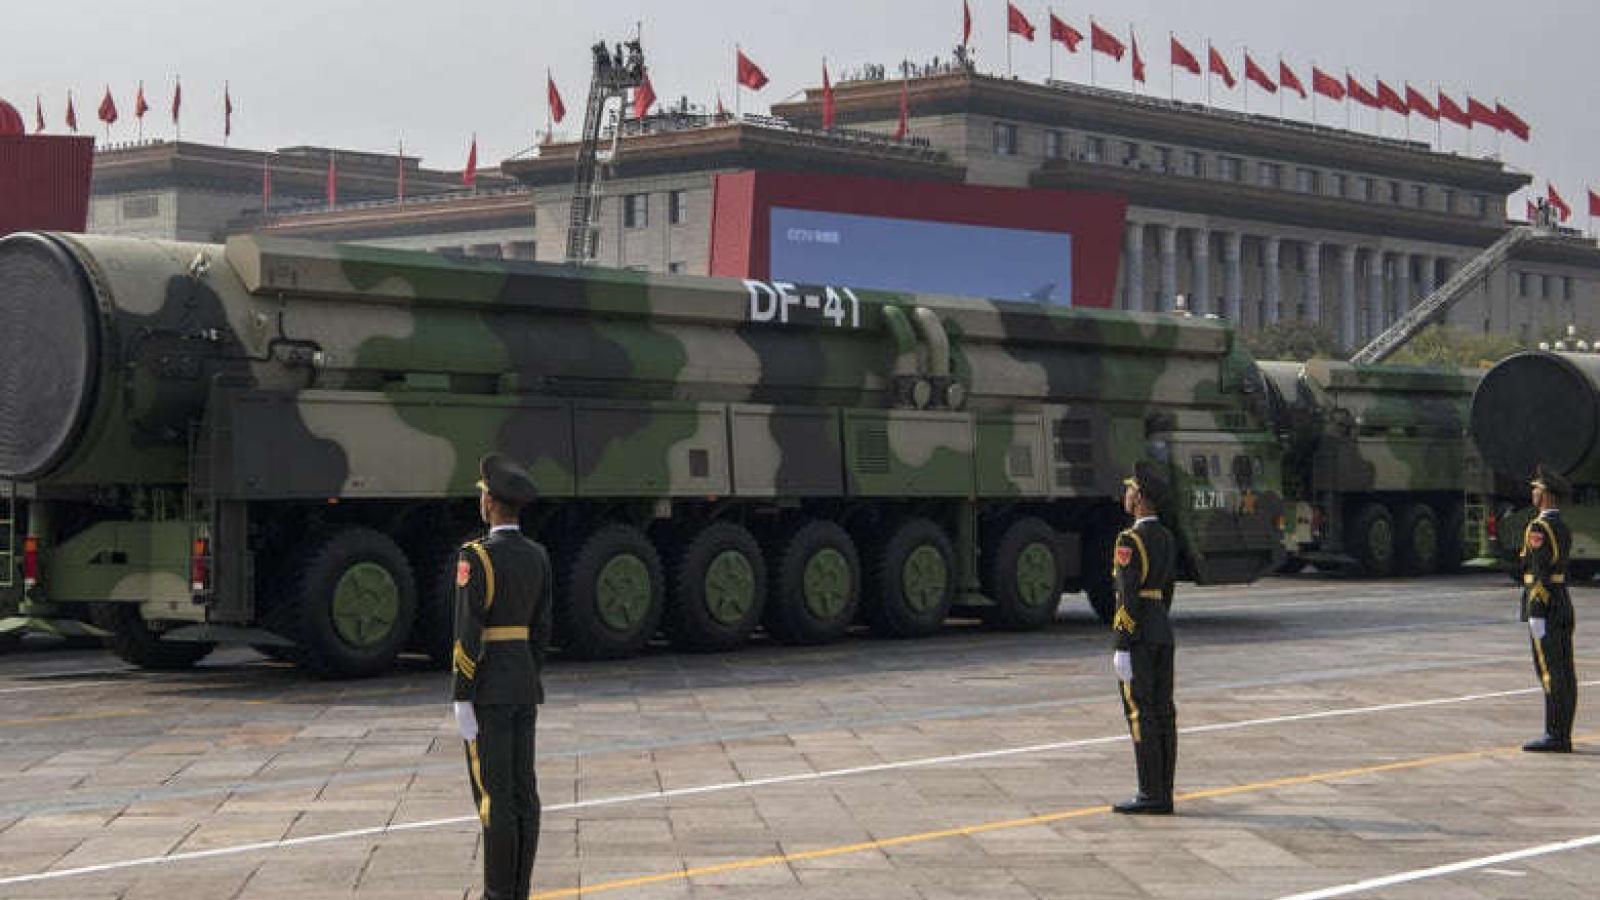 """Trung Quốc xây hơn 100 hầm chứa tên lửa: Cuộc đua hạt nhân với Mỹ được """"kích hoạt""""?"""